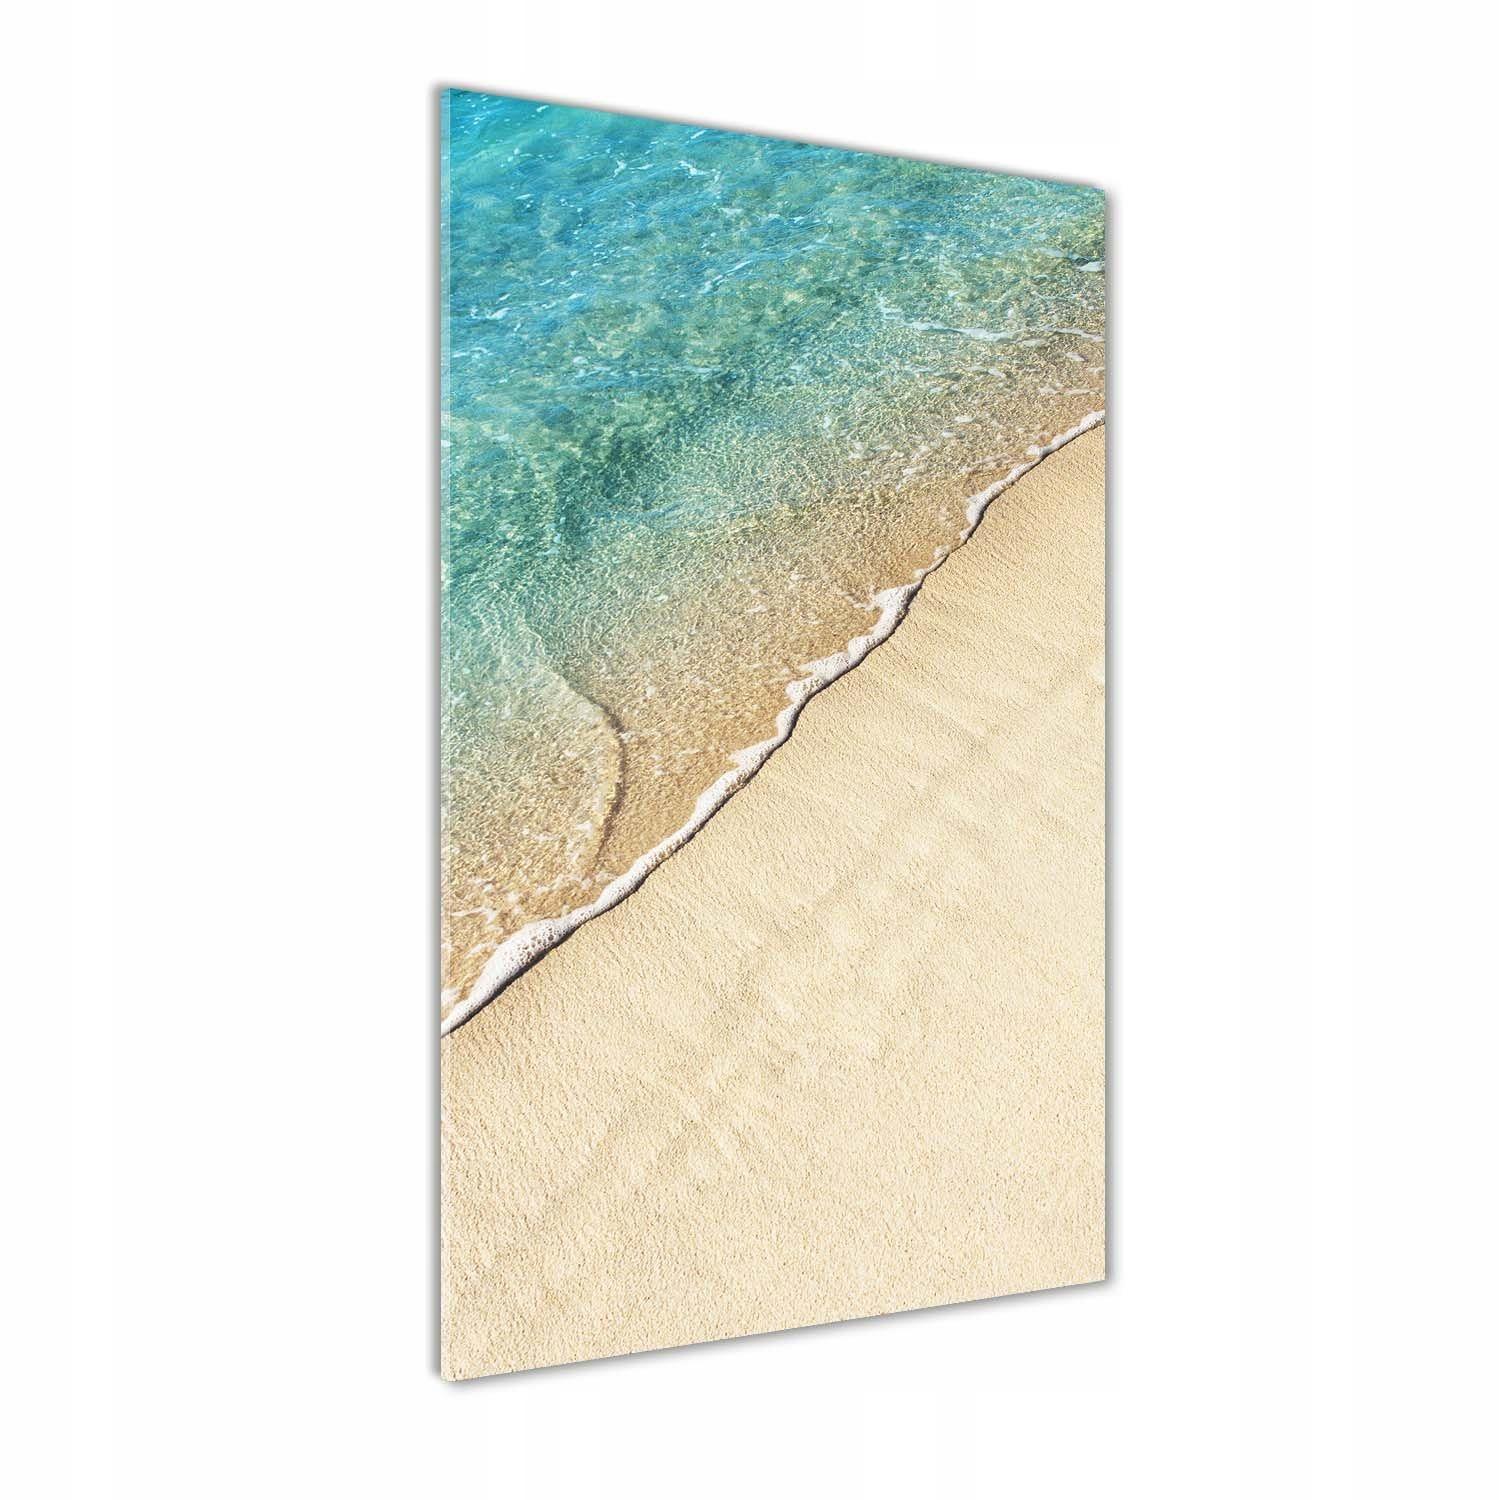 Foto obraz szkło hartowane Morska fala 70x140 cm